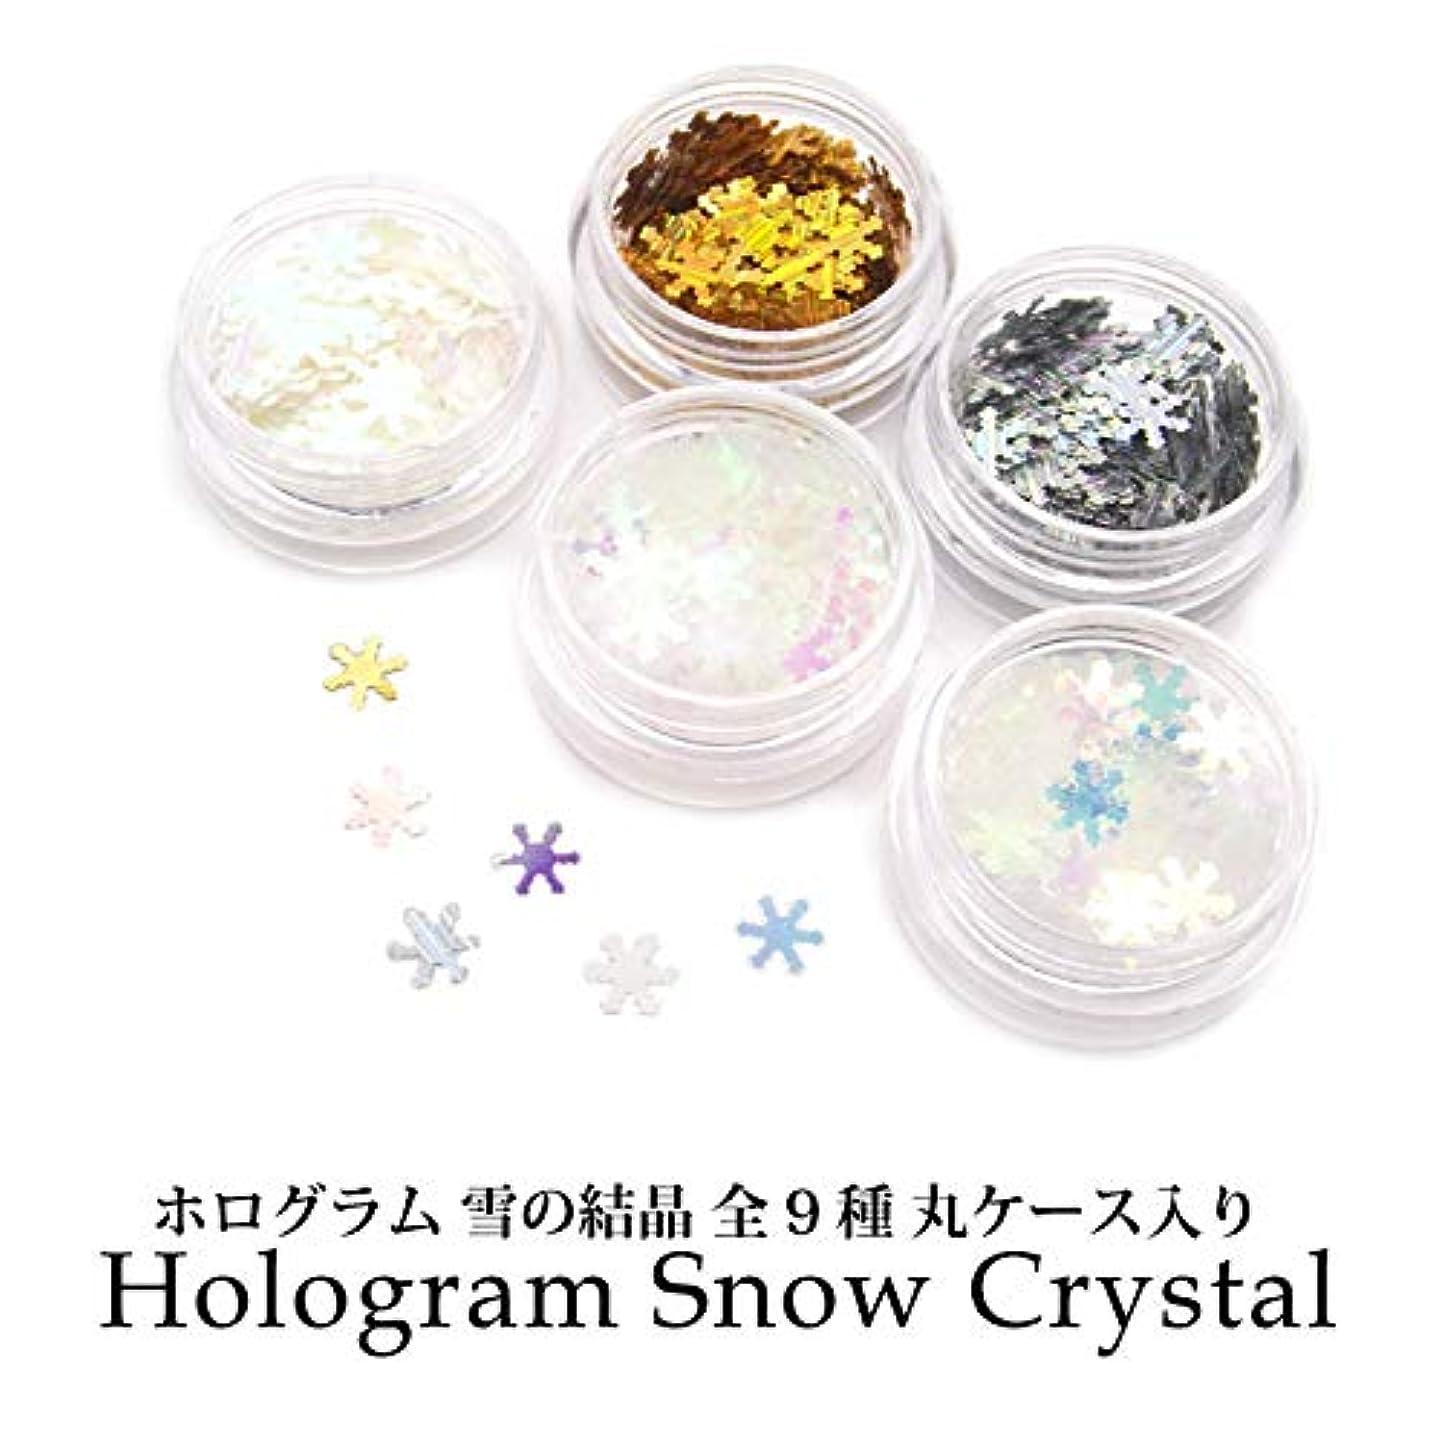 突然製作大人ホログラム 雪の結晶 全9種 丸ケース入り (1.クリアオーロラブルー)